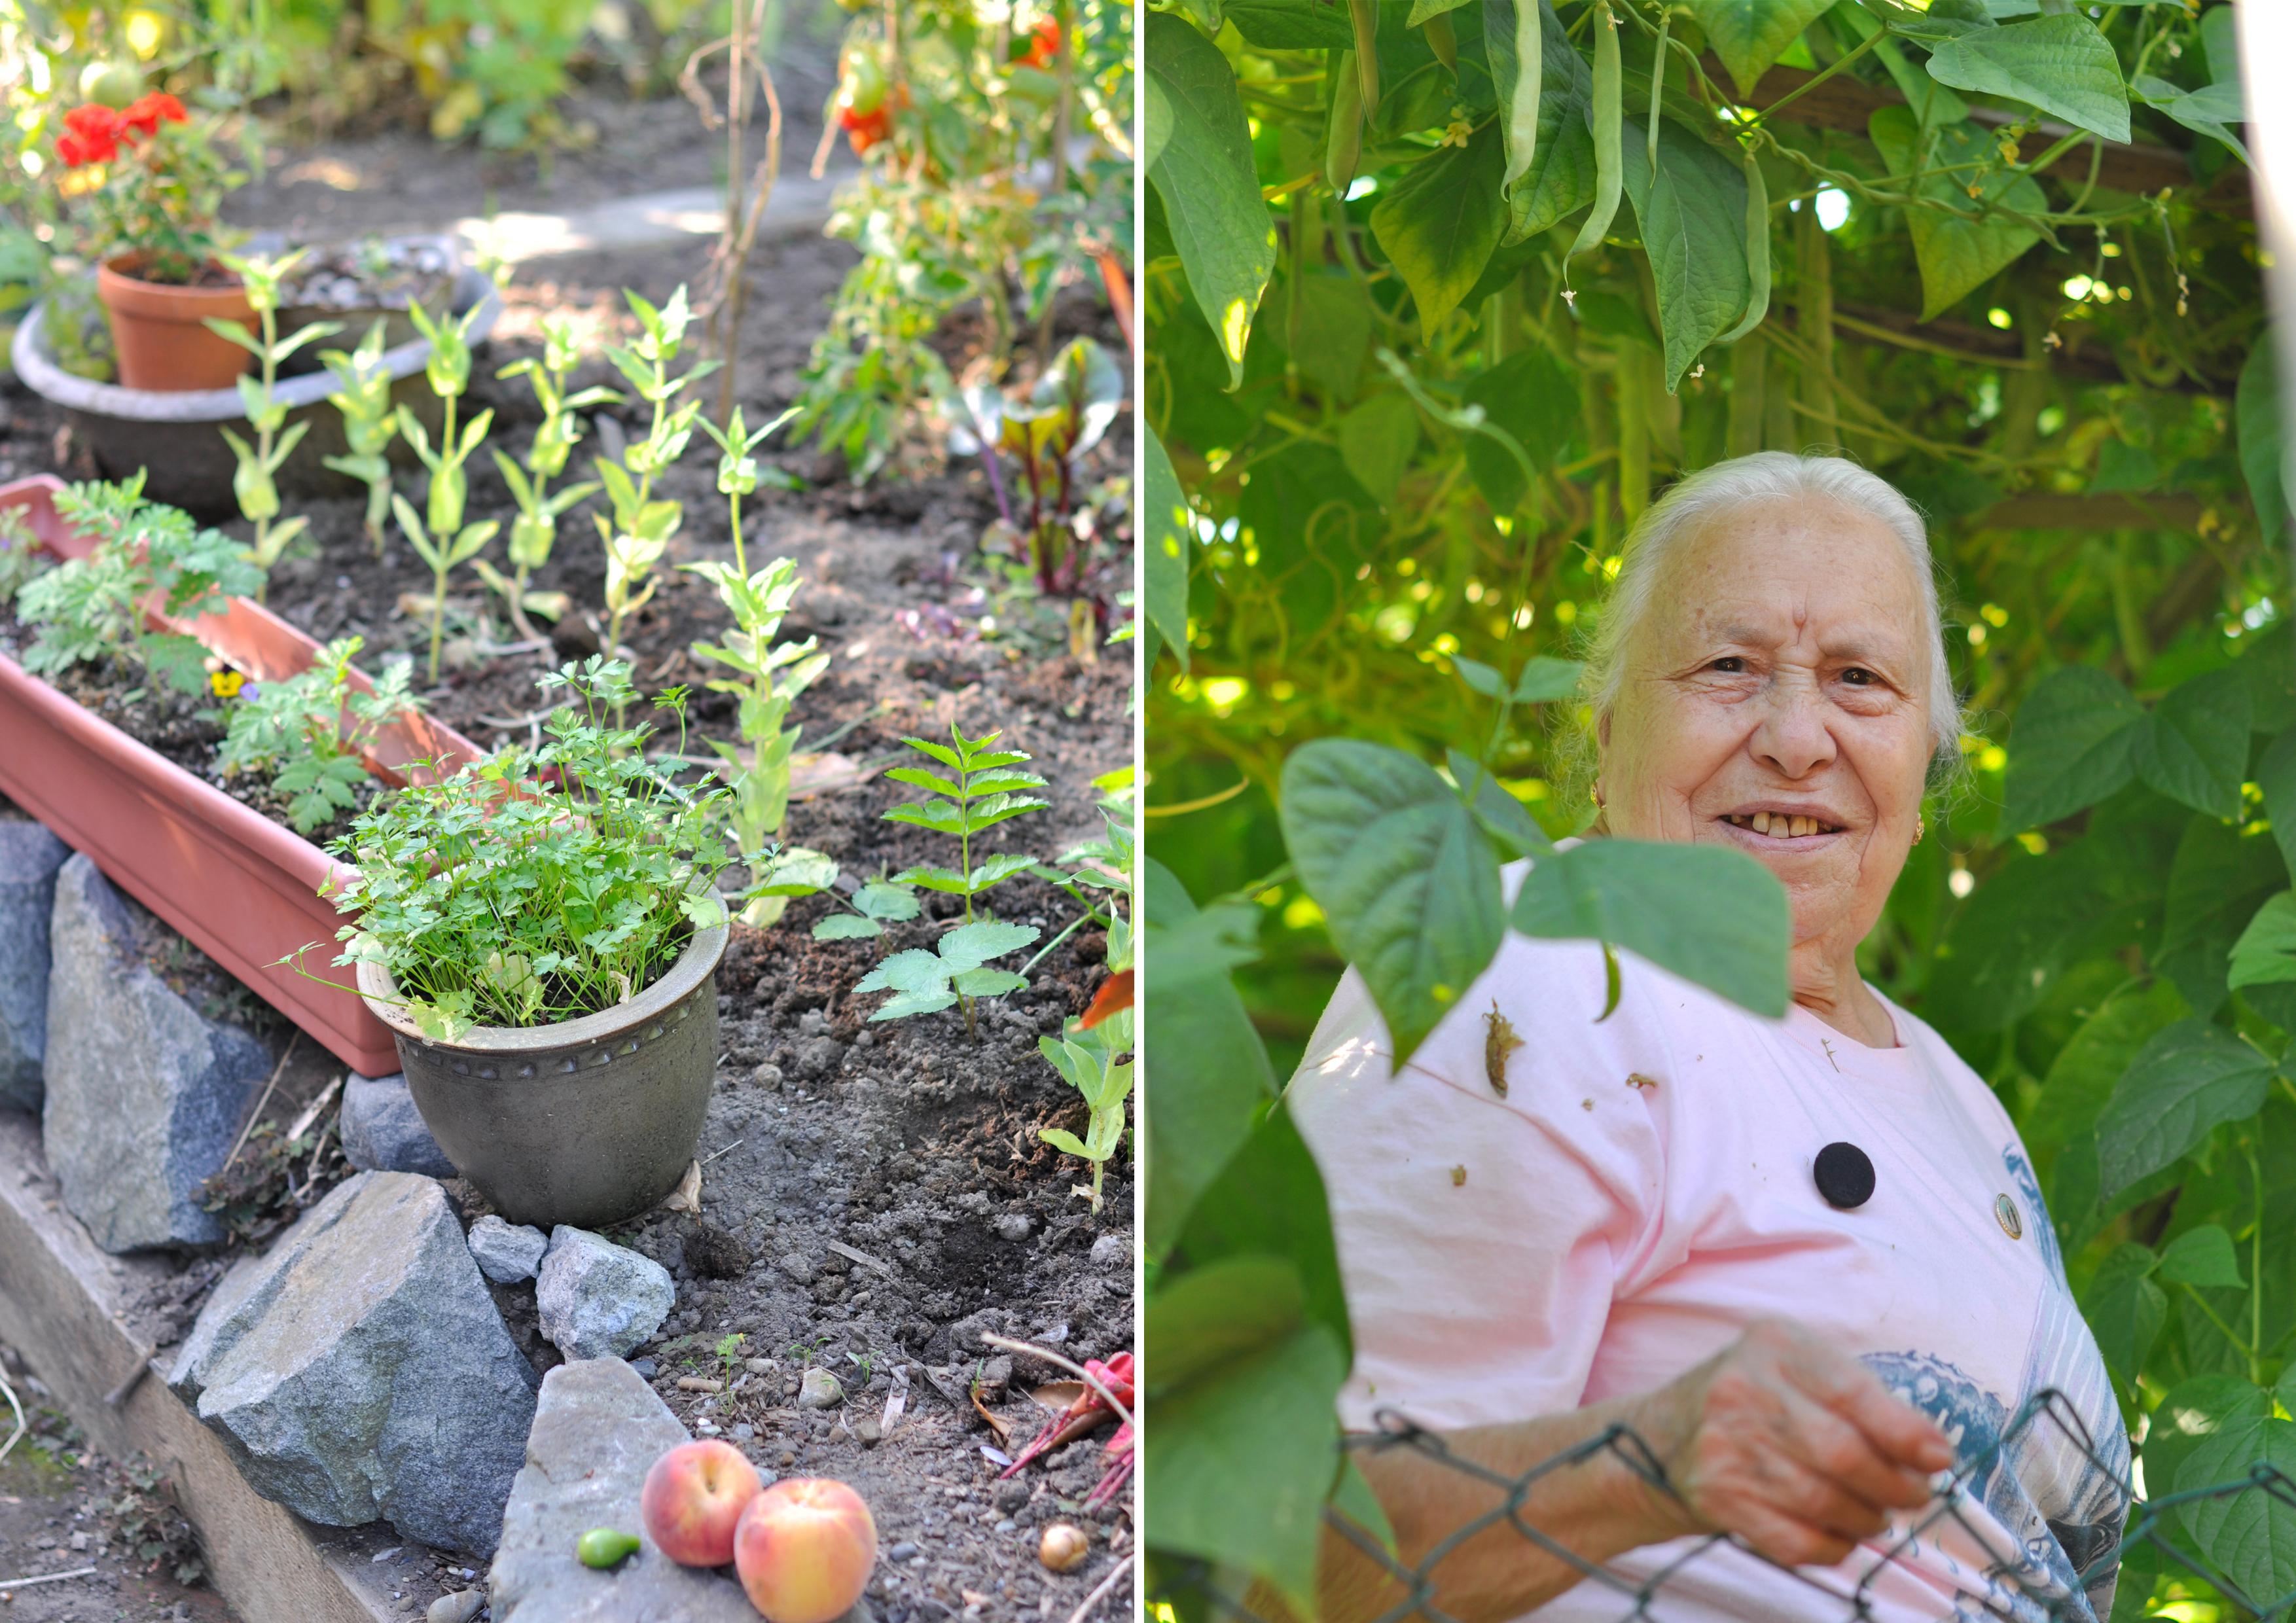 Maria and the garden